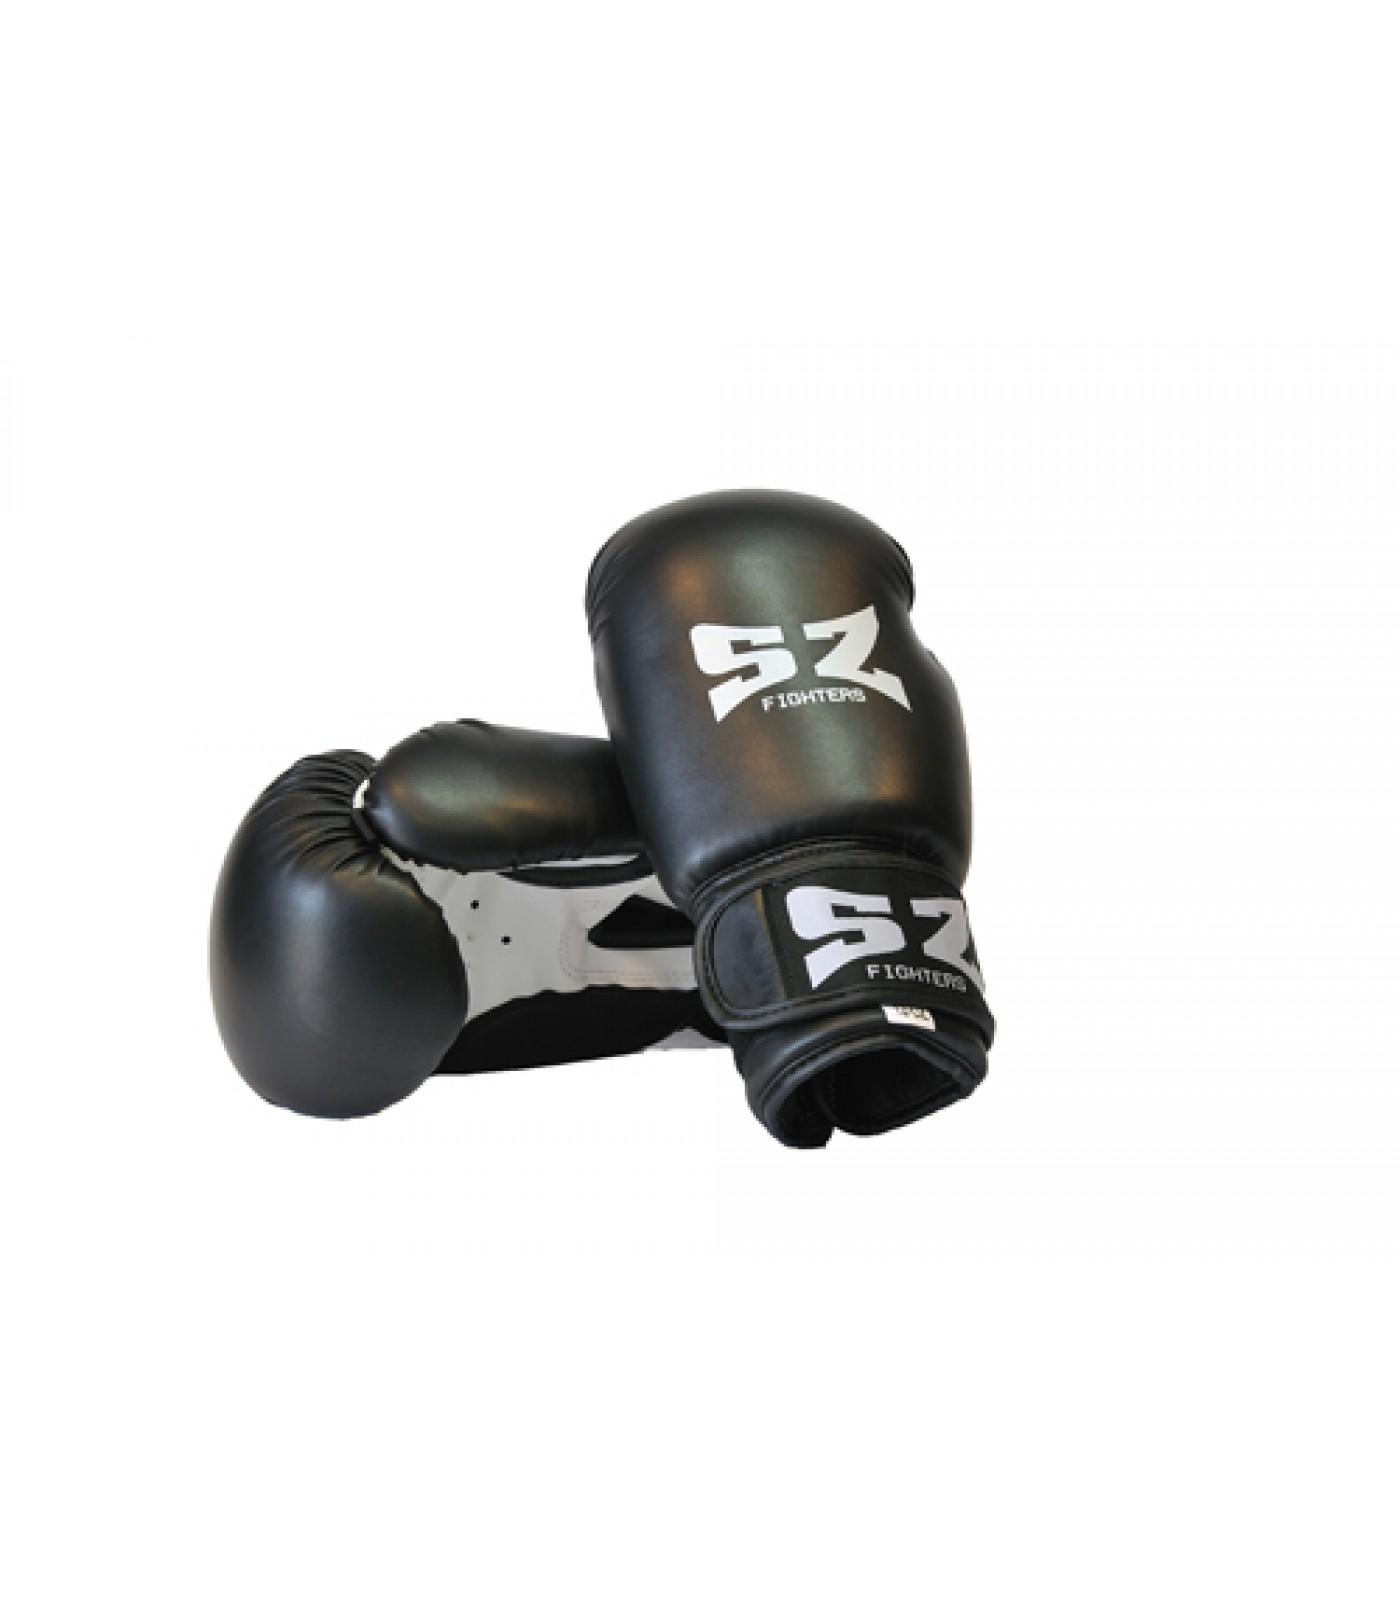 SZ Fighters - Боксови ръкавици (Изкуствена кожа) - черен цвят